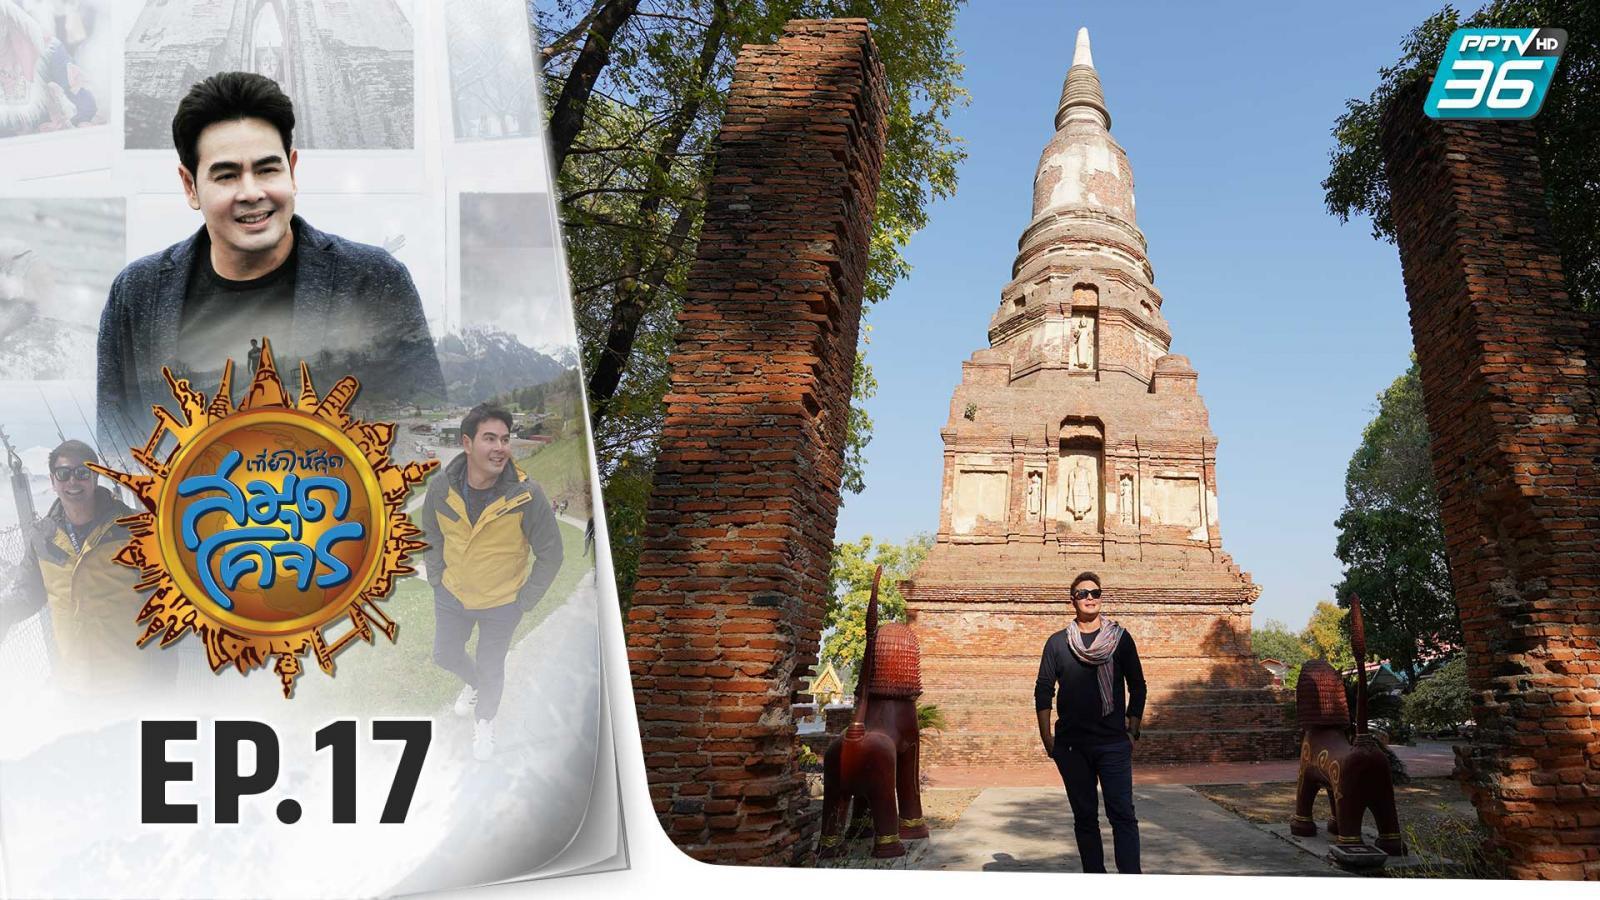 เที่ยวให้สุด สมุดโคจร | ชัยนาททาวน์เมืองน่าเที่ยว 3 EP.17 | 29 ม.ค. 63